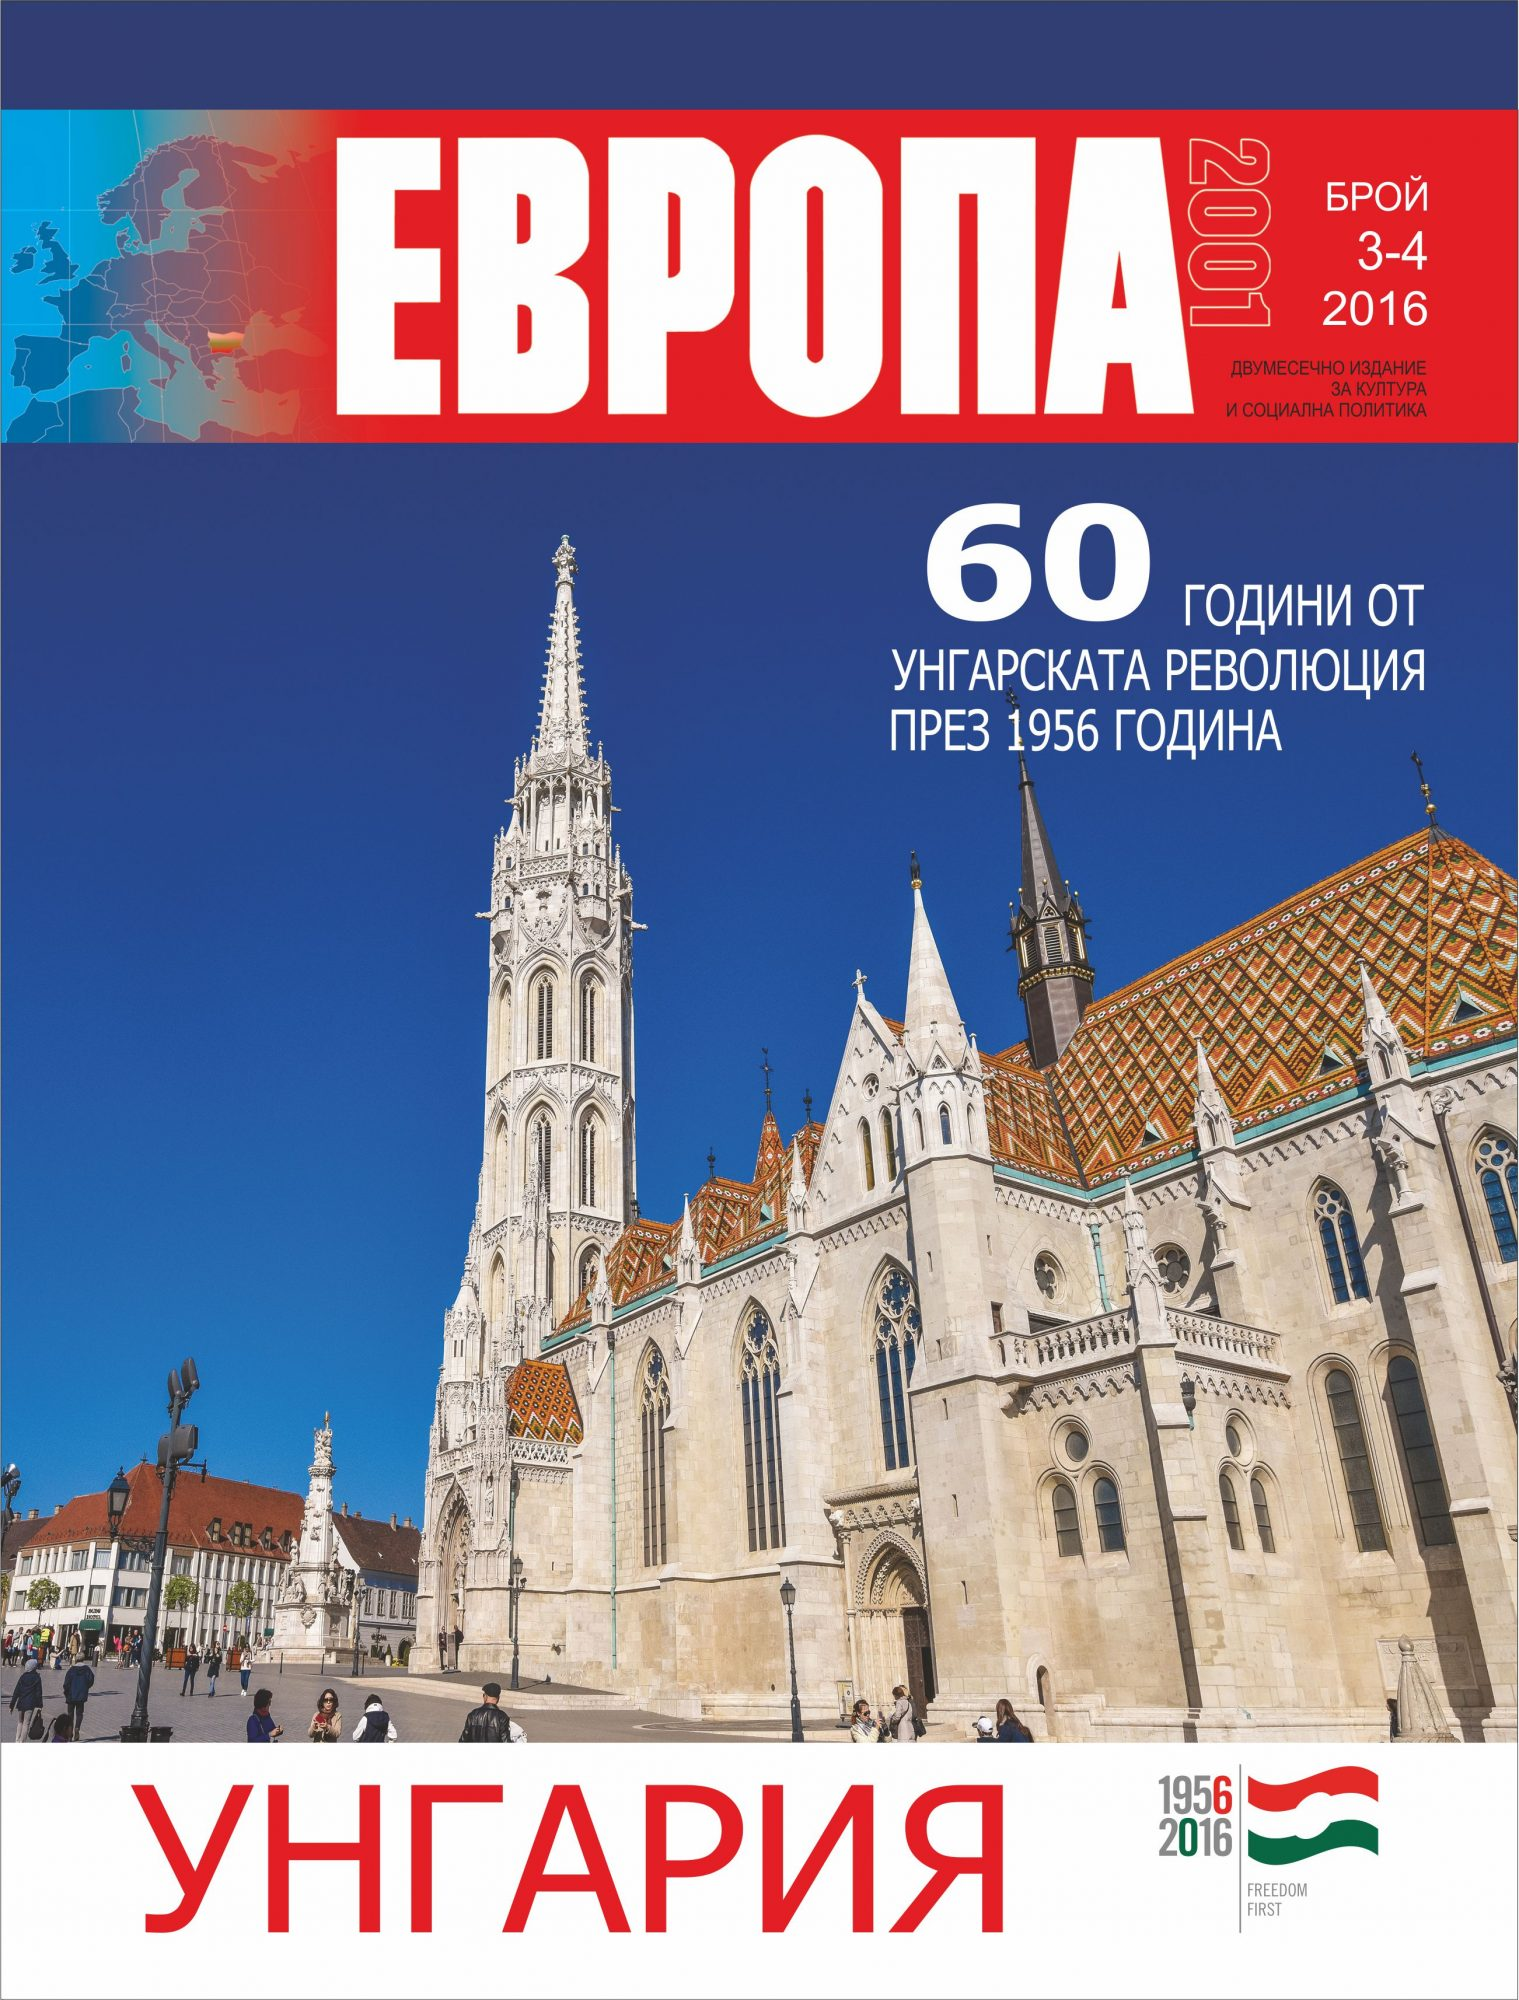 Излезе новият брой на сп. ЕВРОПА 2001, посветен на Унгарската революция от 1956-та.